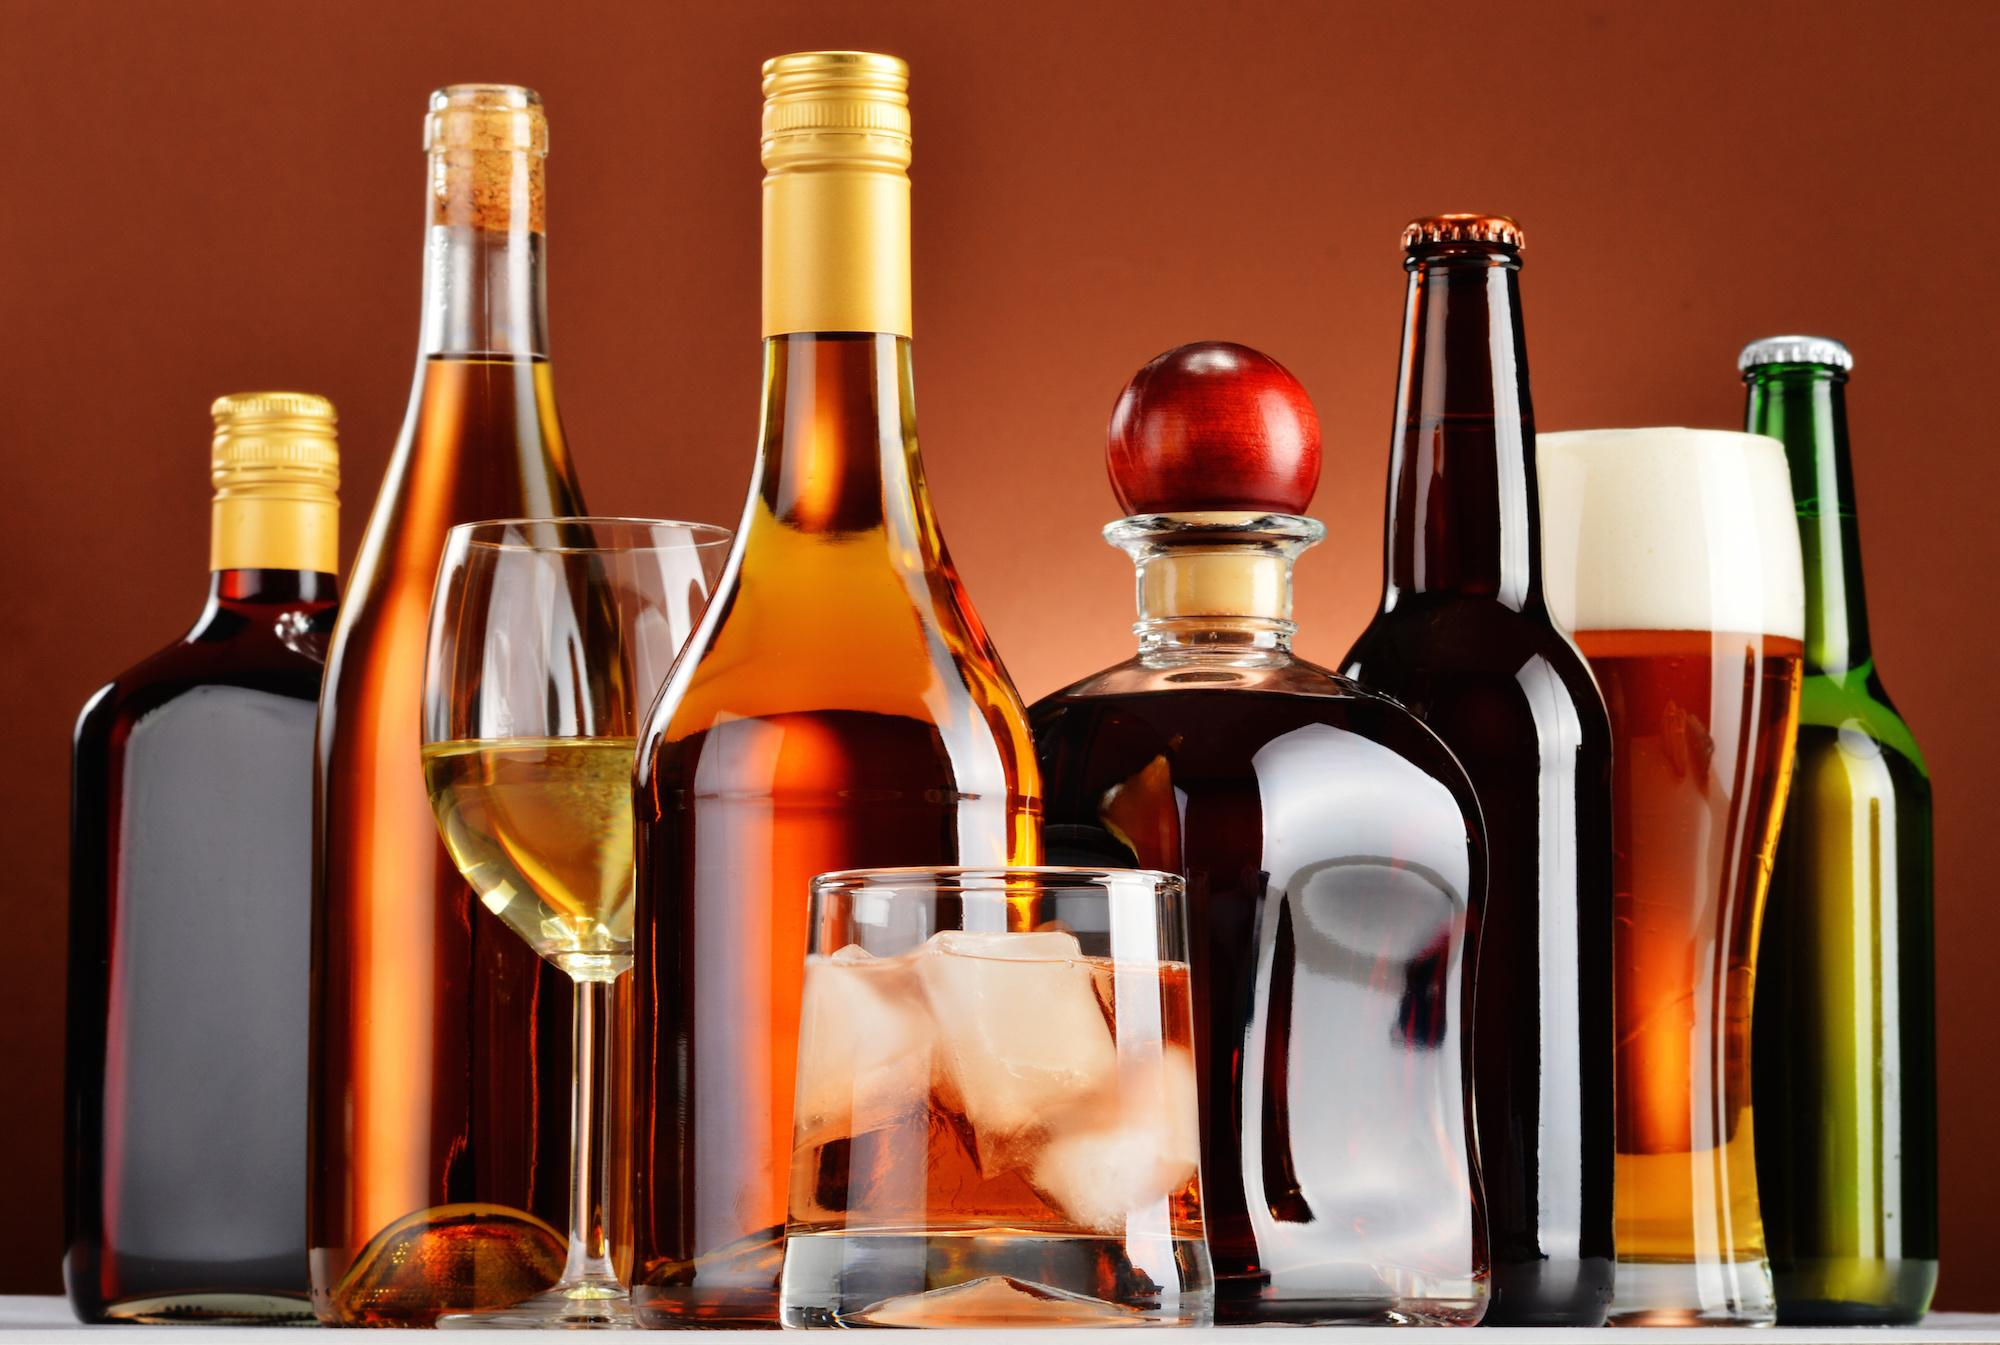 шарик алкоголь мира в картинках никто задумывается, что